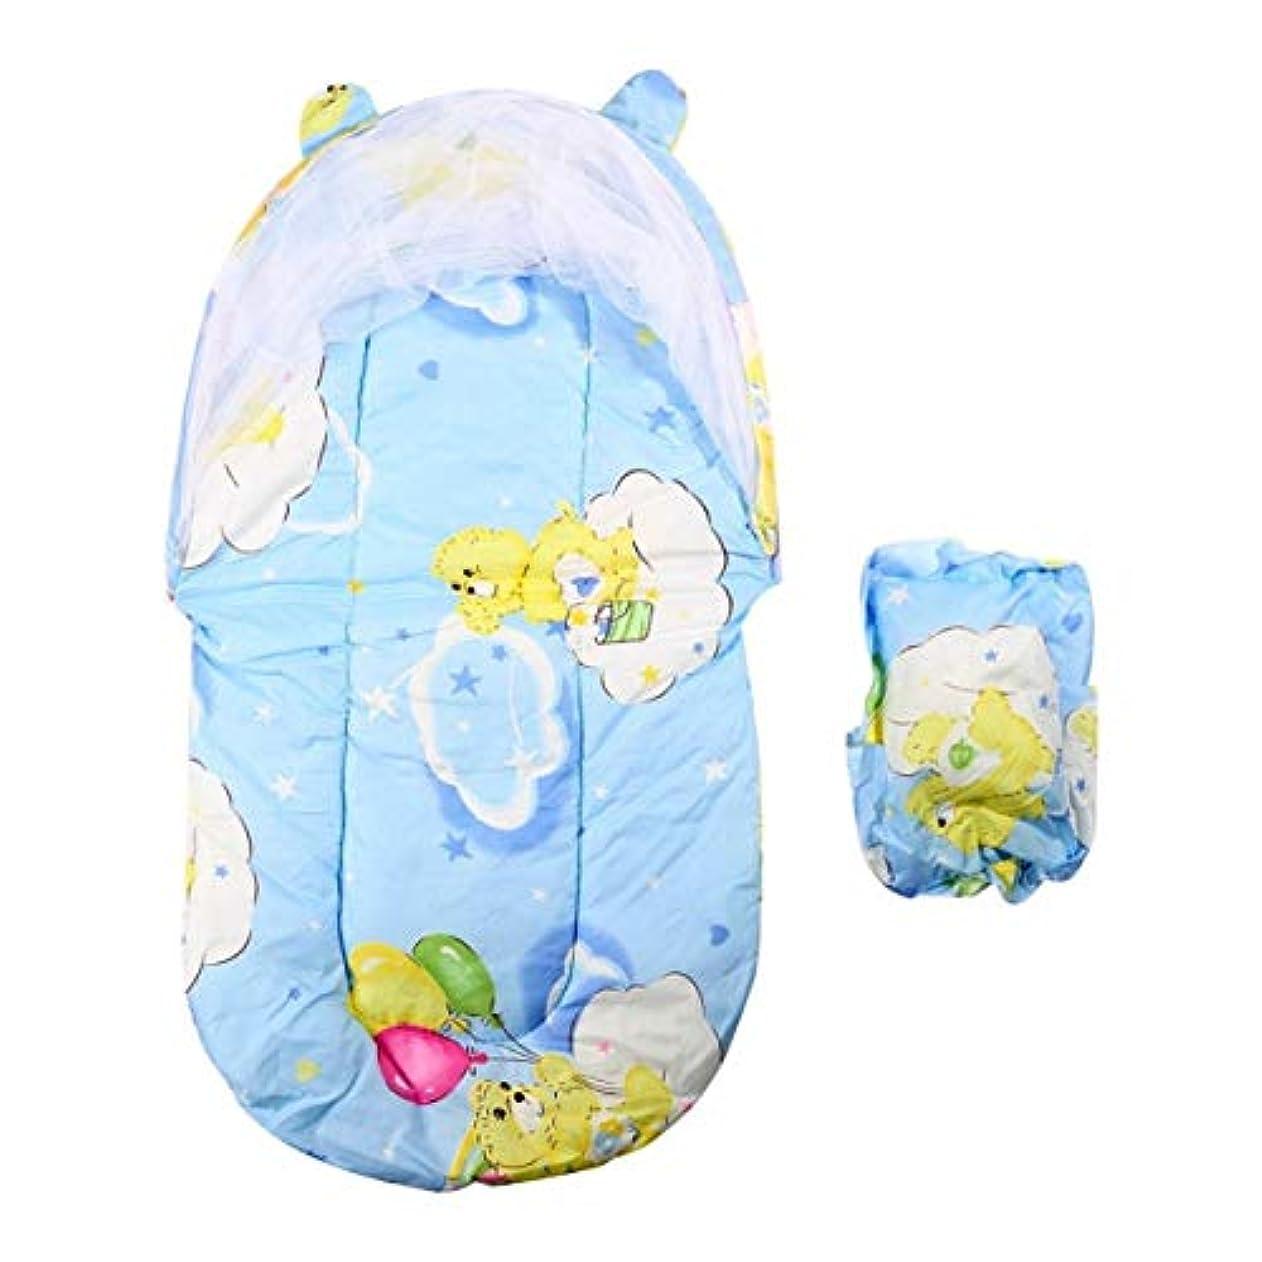 実験室ロック解除あざSaikogoods 折り畳み式の新しい赤ん坊の綿パッド入りマットレス幼児枕ベッド蚊帳テントはキッズベビーベッドアクセサリーハングドームフロアスタンド 青